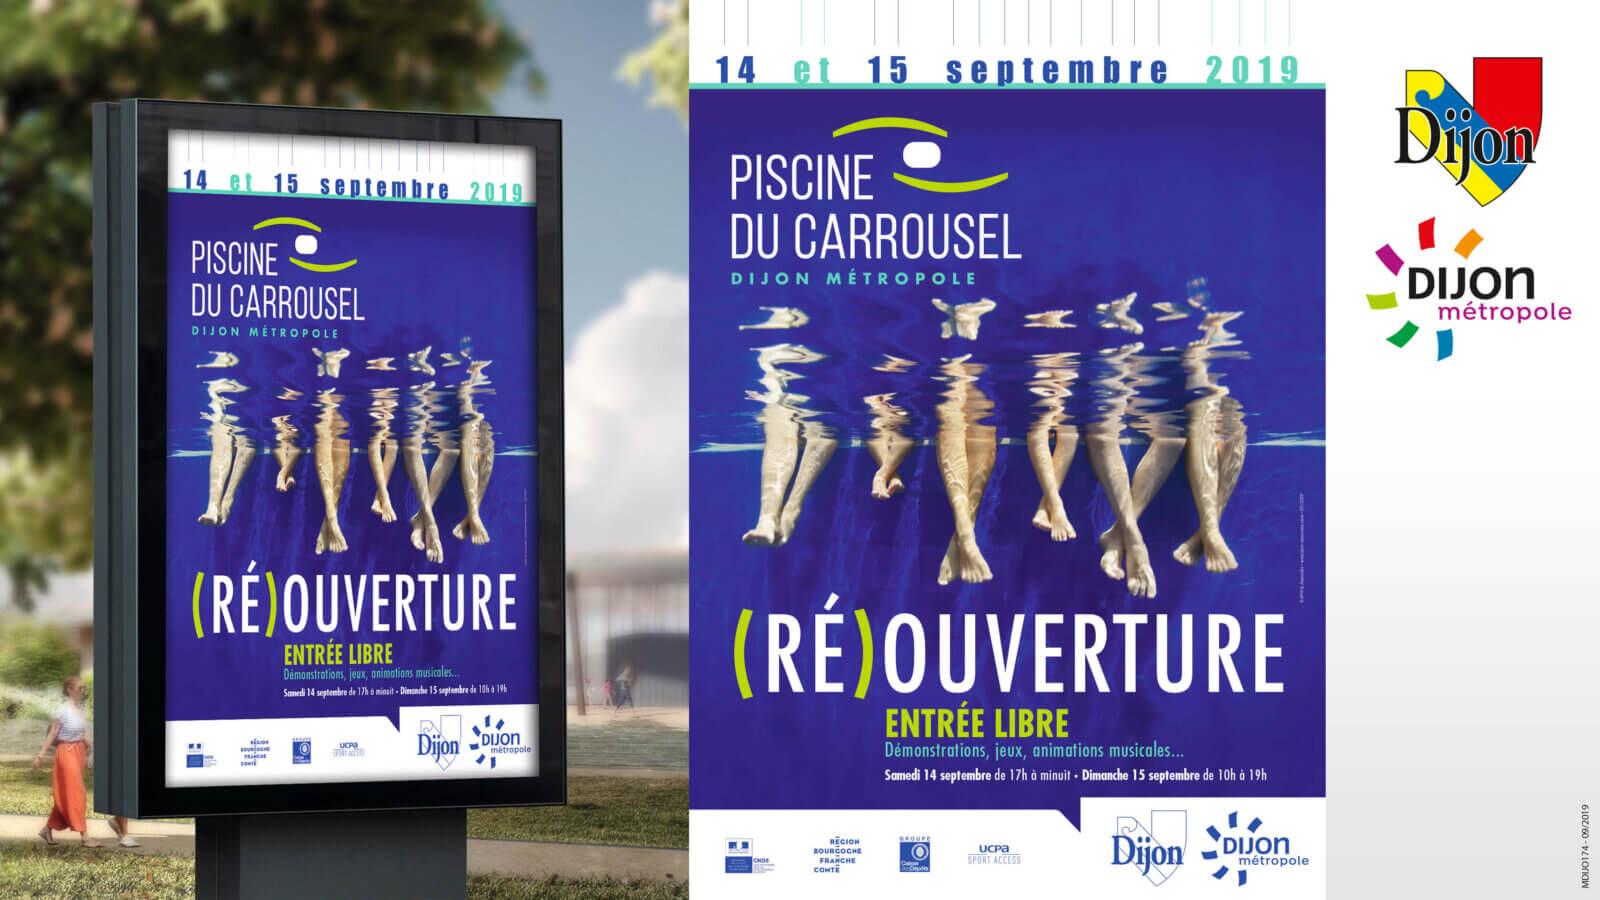 affiche réouverture piscine dijon